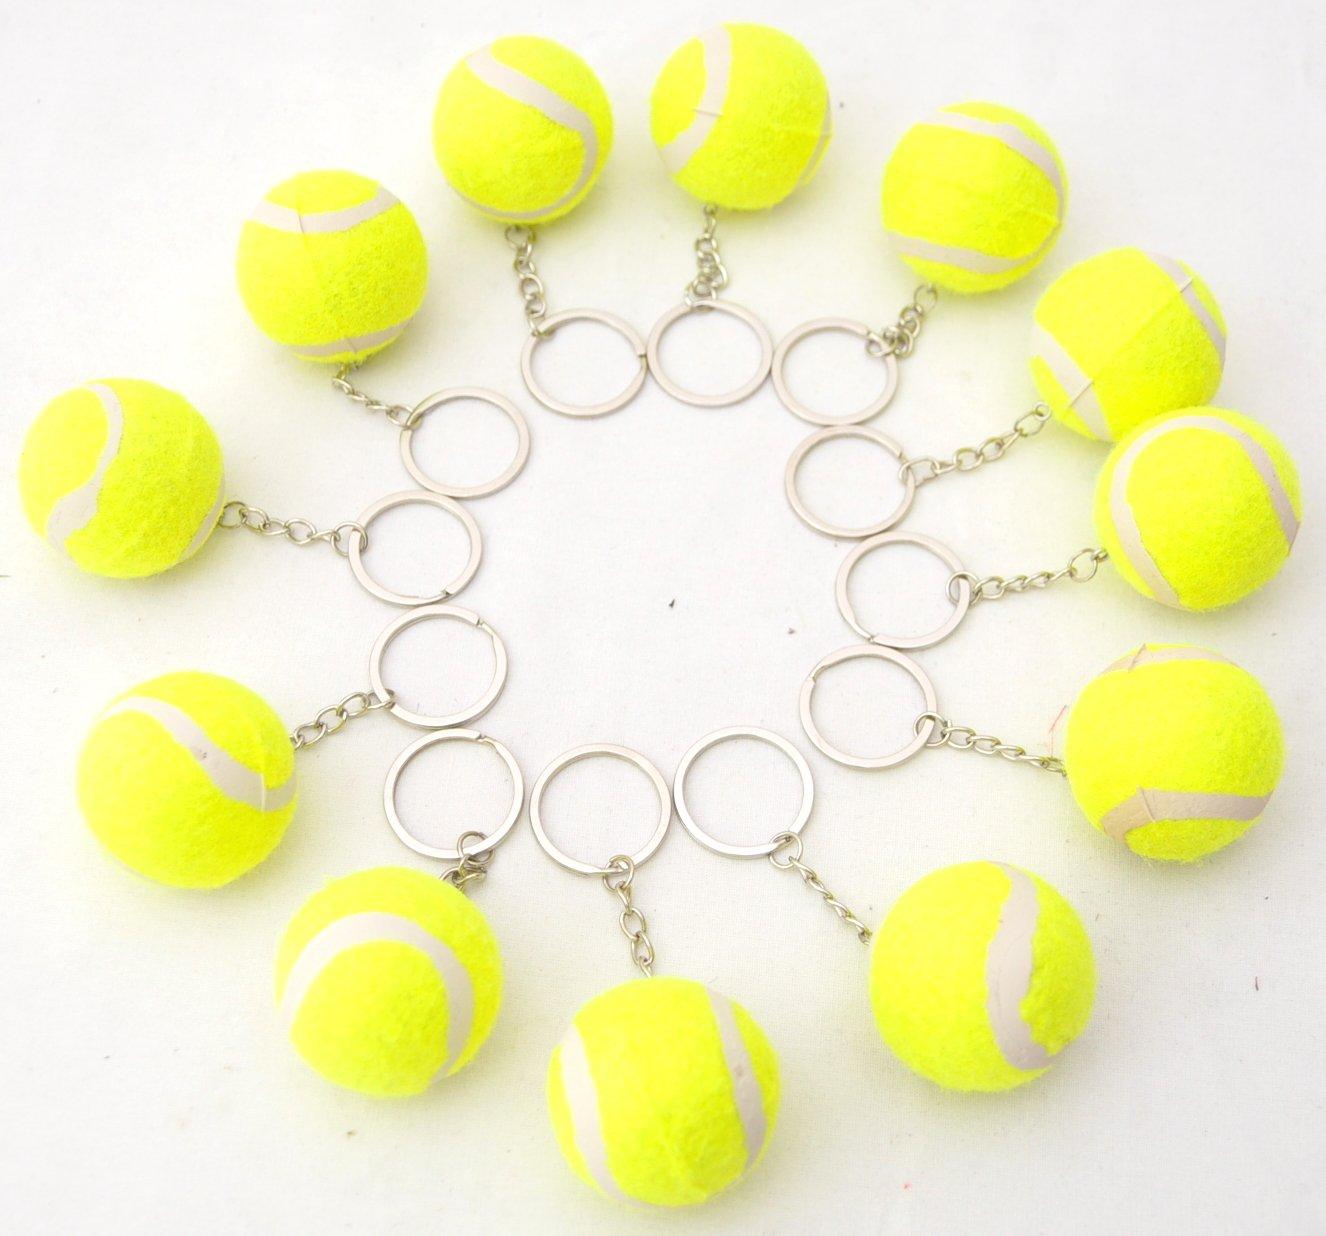 12 X Tennisbälle 4 cm Tennis Ball Schlüsselanhänger Gelb by schenkfix schenkfix.de